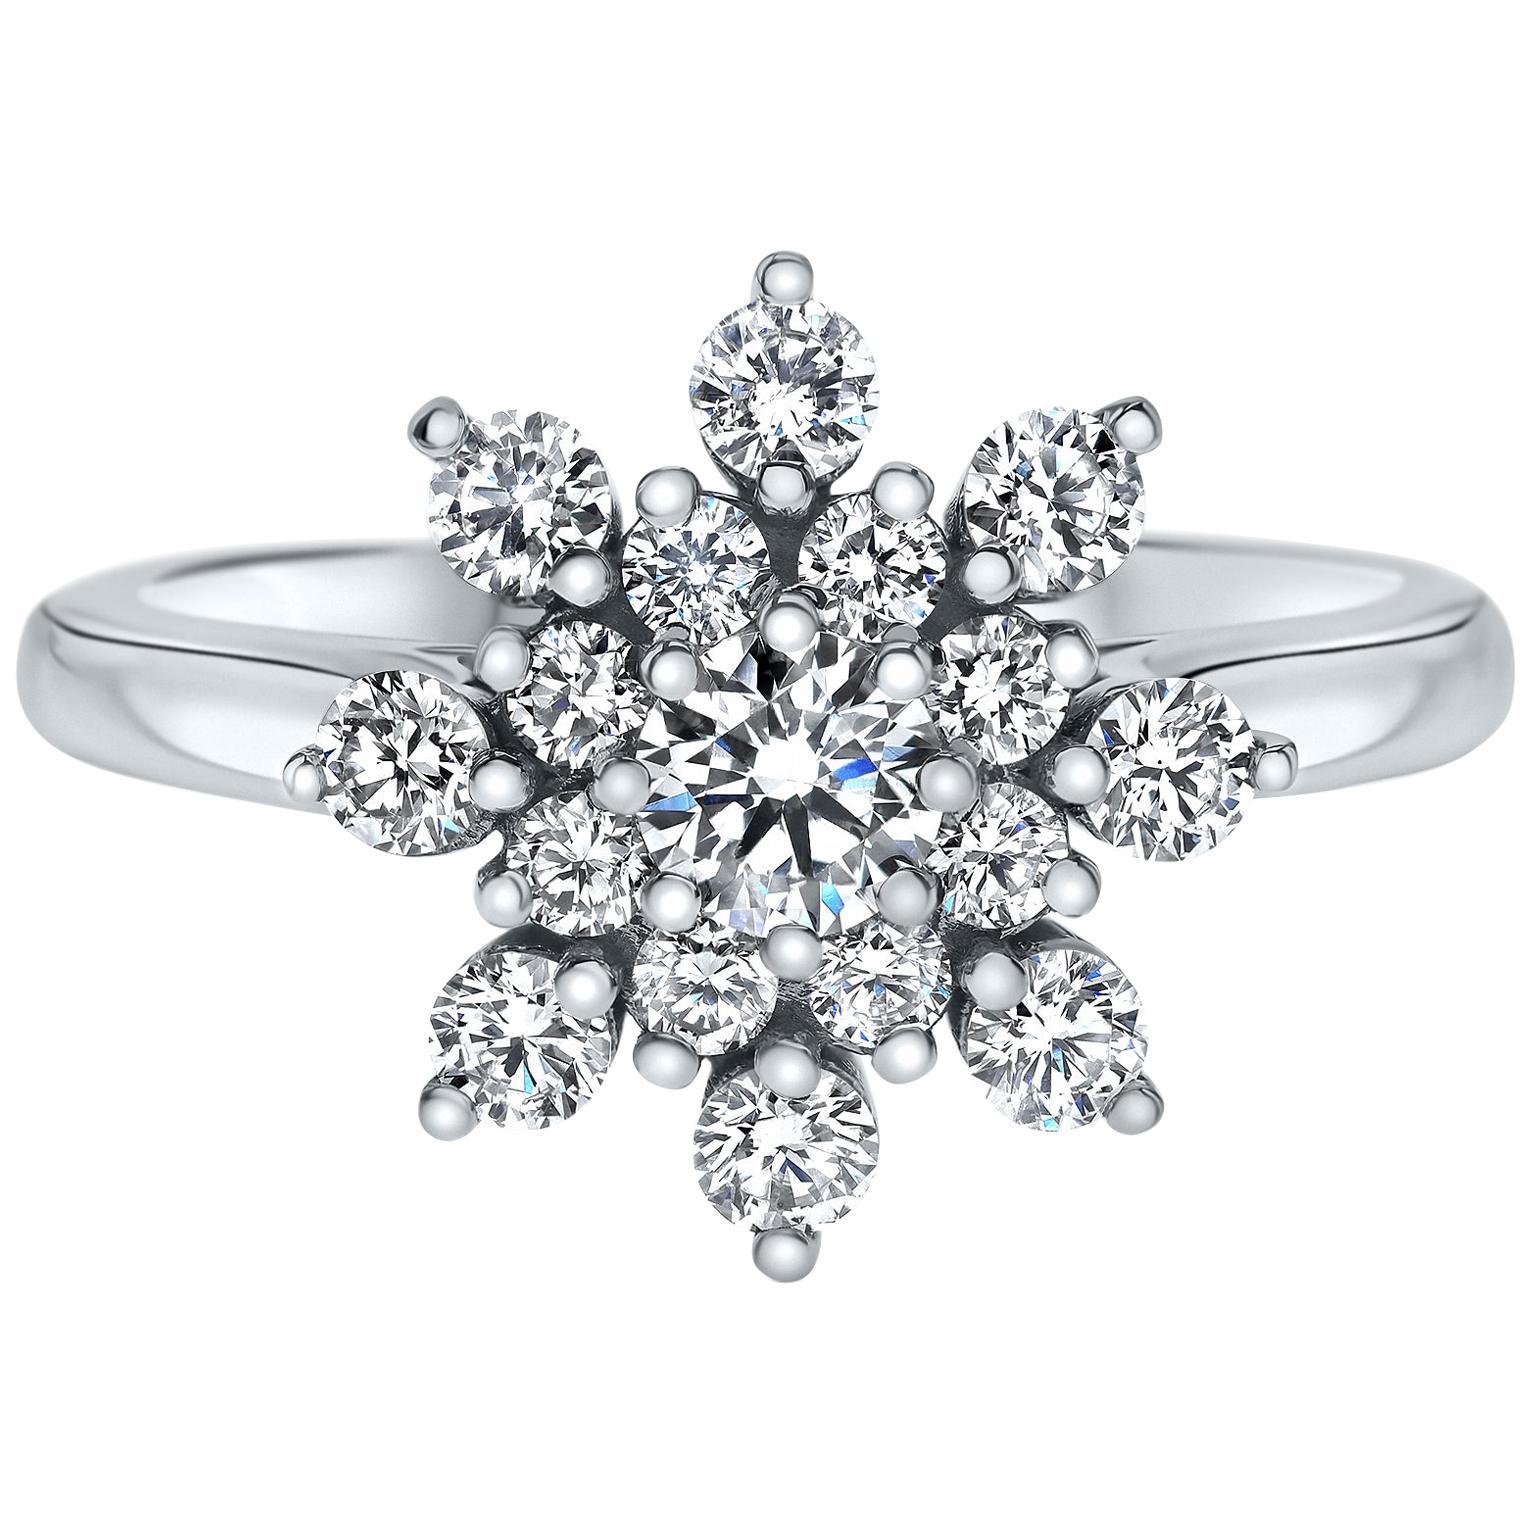 1.15 Carat Flower Diamond Ring in 14 Karat White Gold - Shlomit Rogel